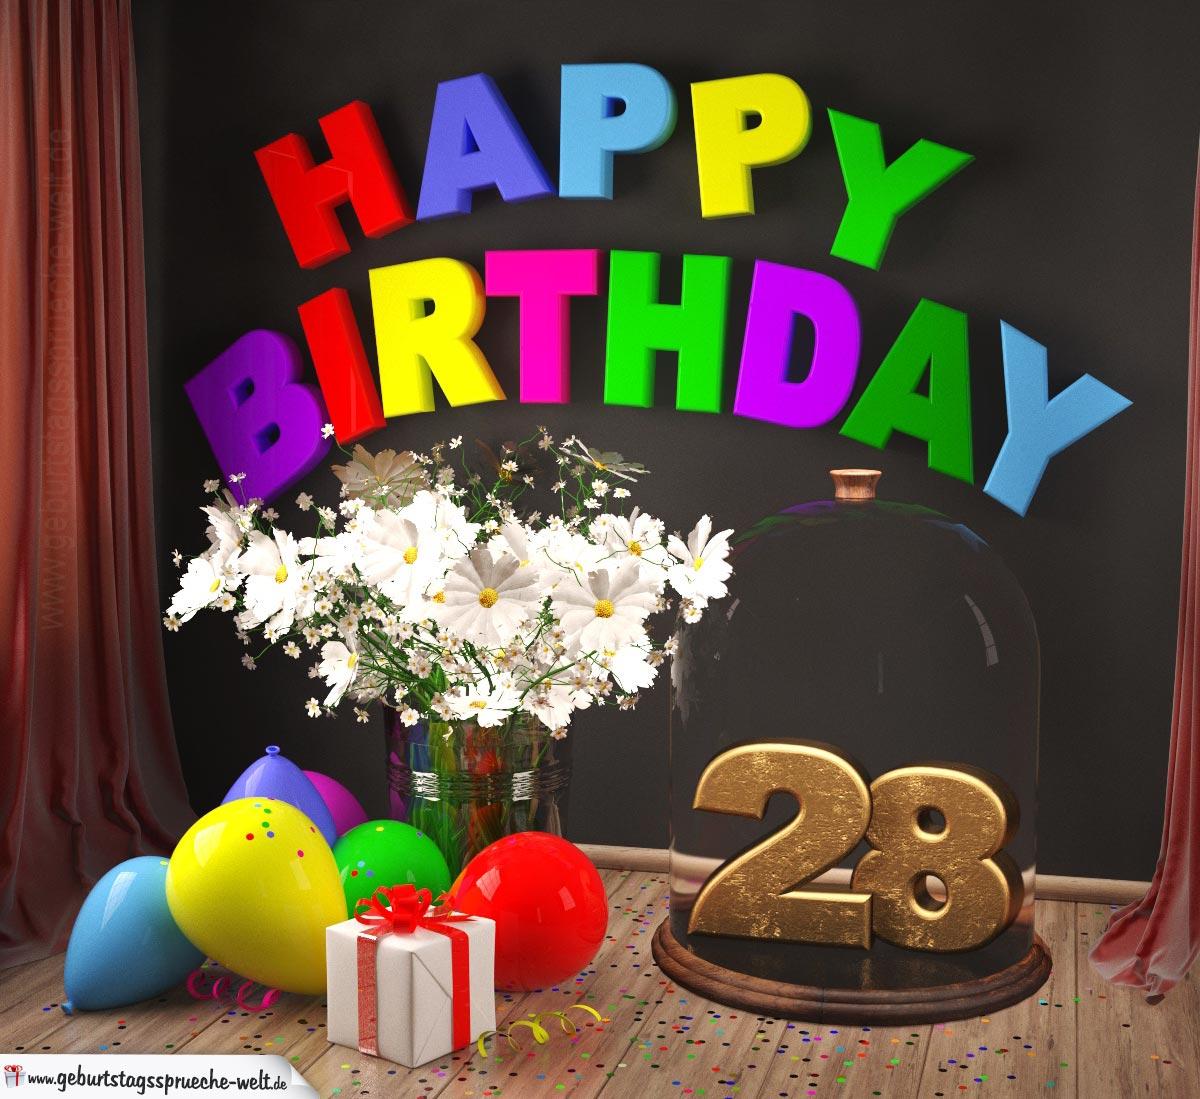 Happy Birthday 28 Jahre Glückwunschkarte mit Margeriten-Blumenstrauß, Luftballons und Geschenk unter Glasglocke